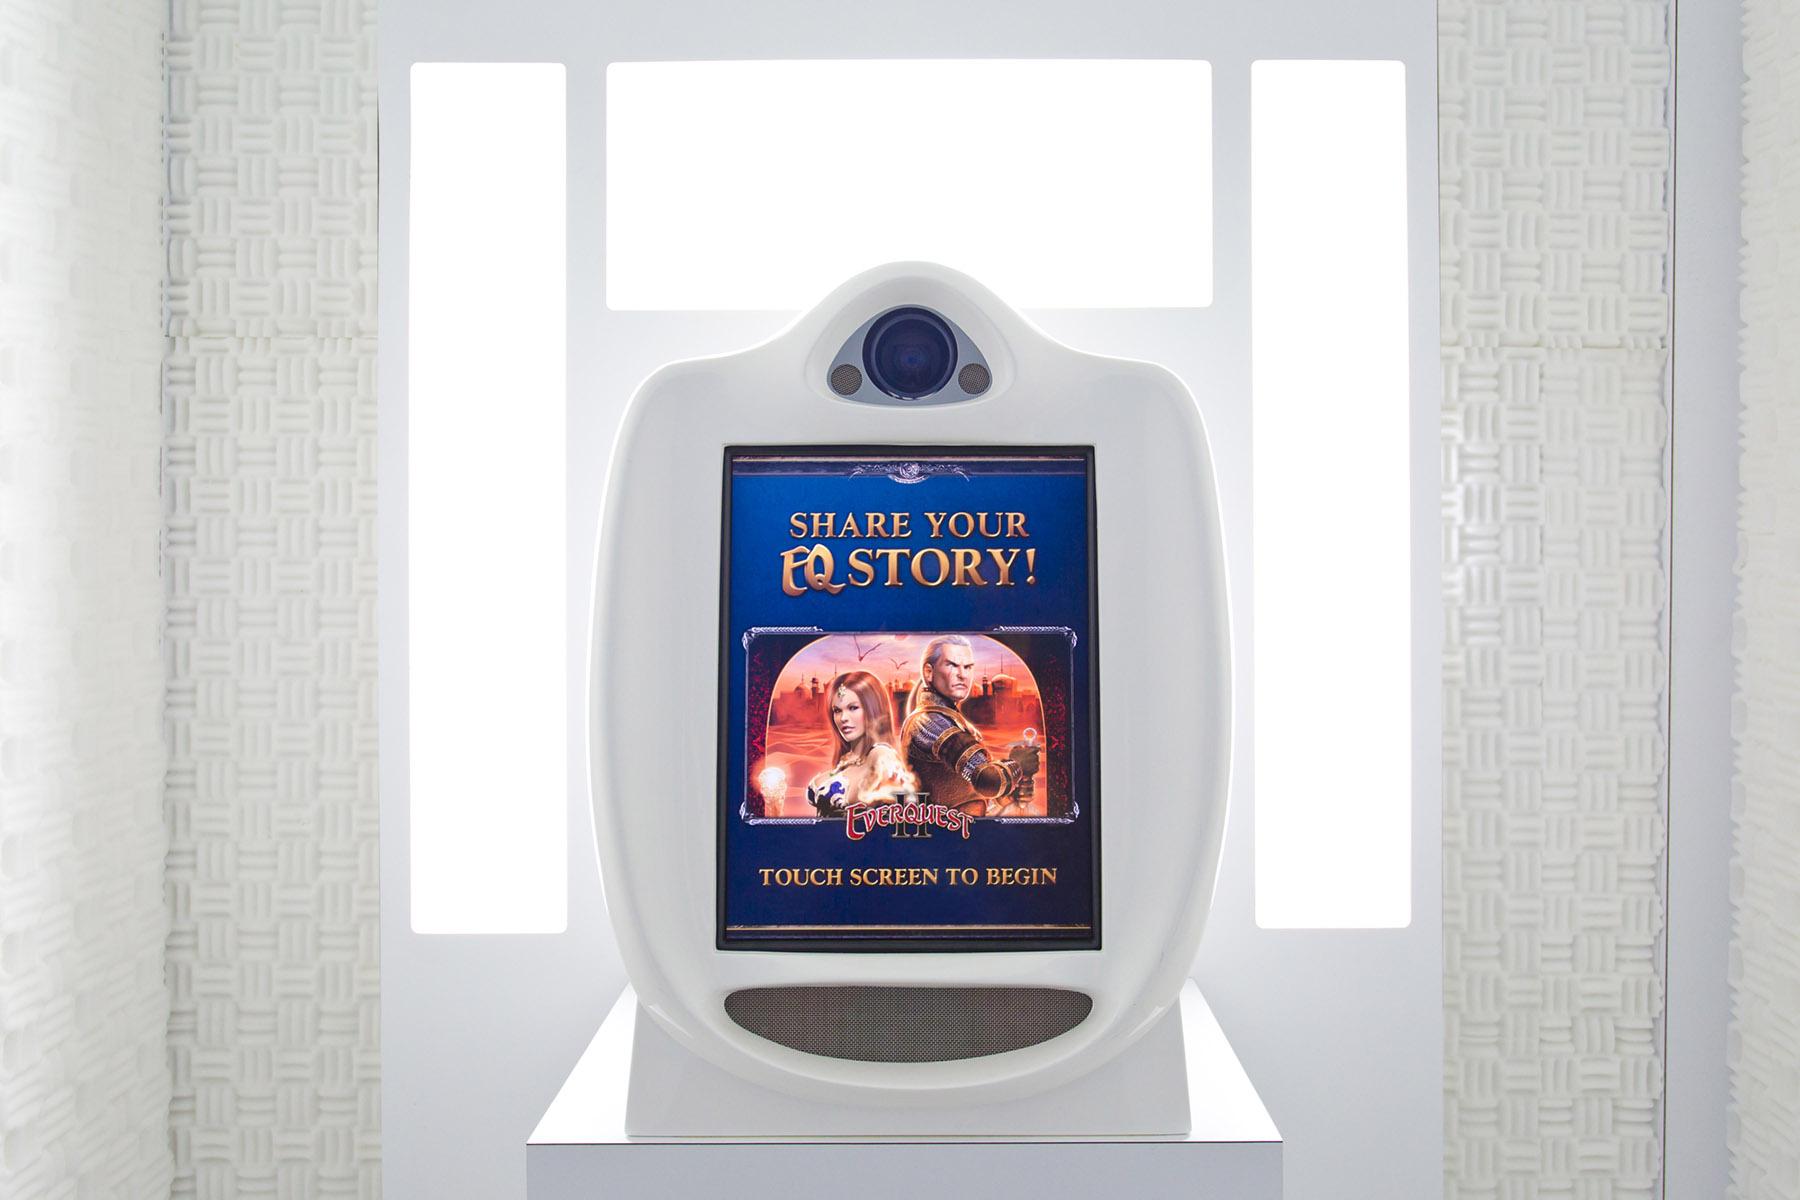 Sony Desktop VideoKiosk